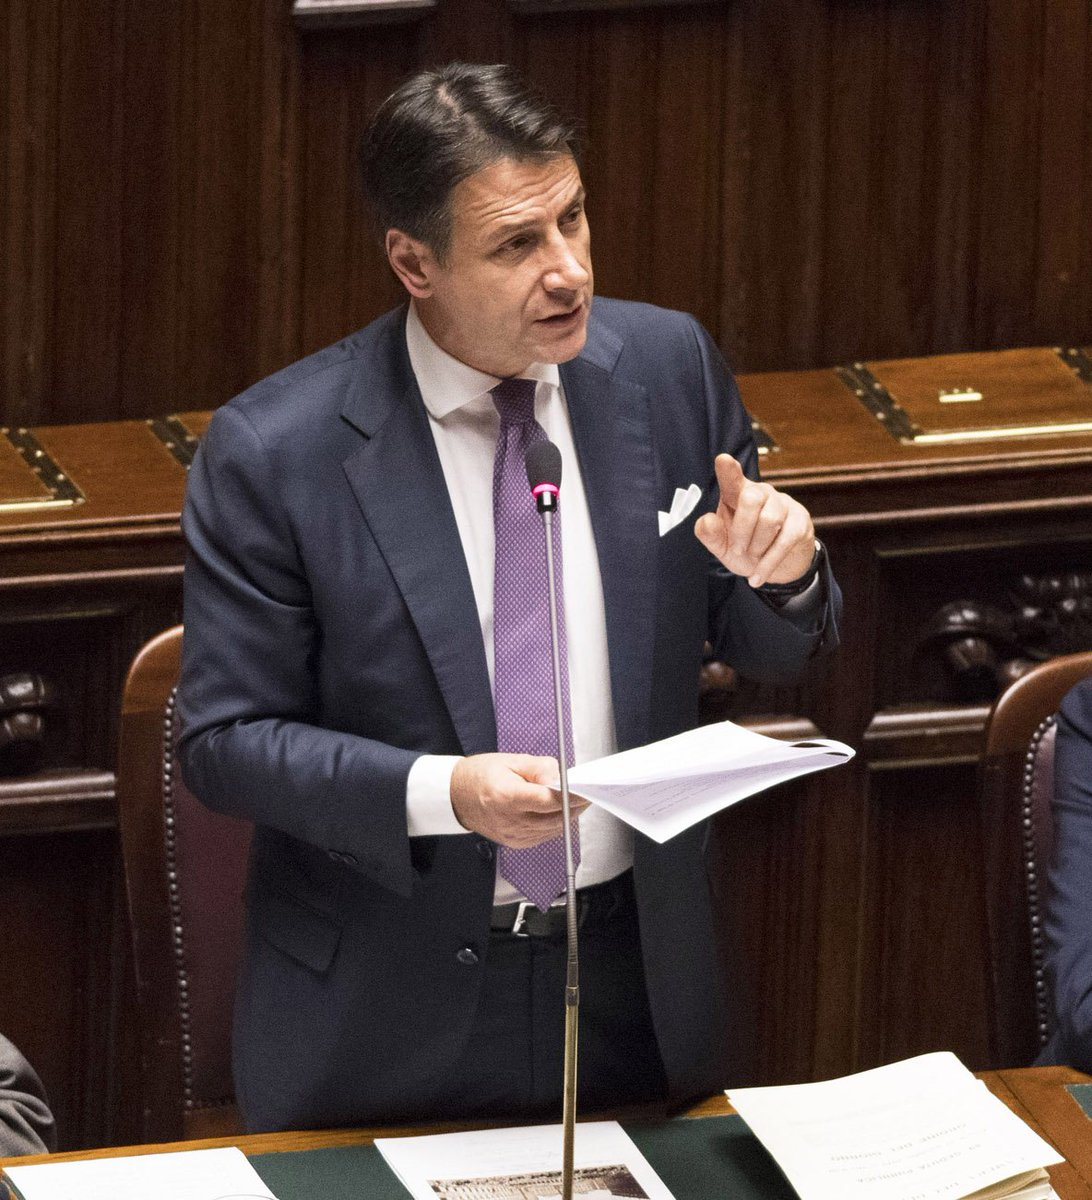 Manovra camera tutte le ultime notizie foto e video in for Commissione bilancio camera dei deputati